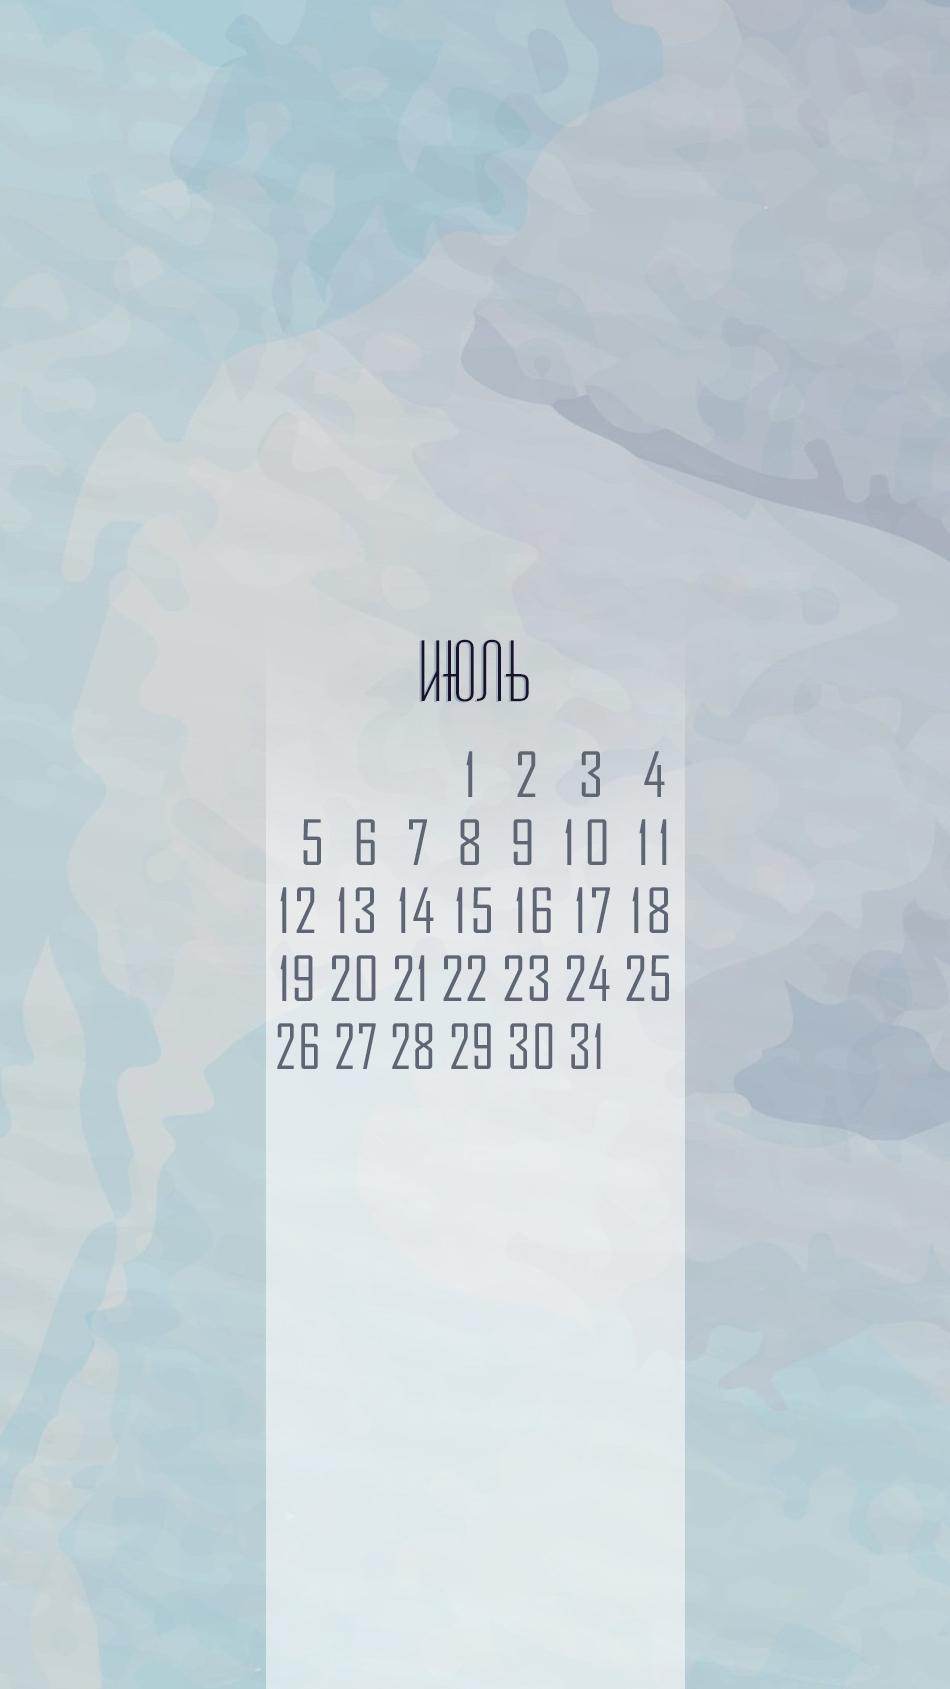 заставка на смартфон, district-f.org календарь на июль